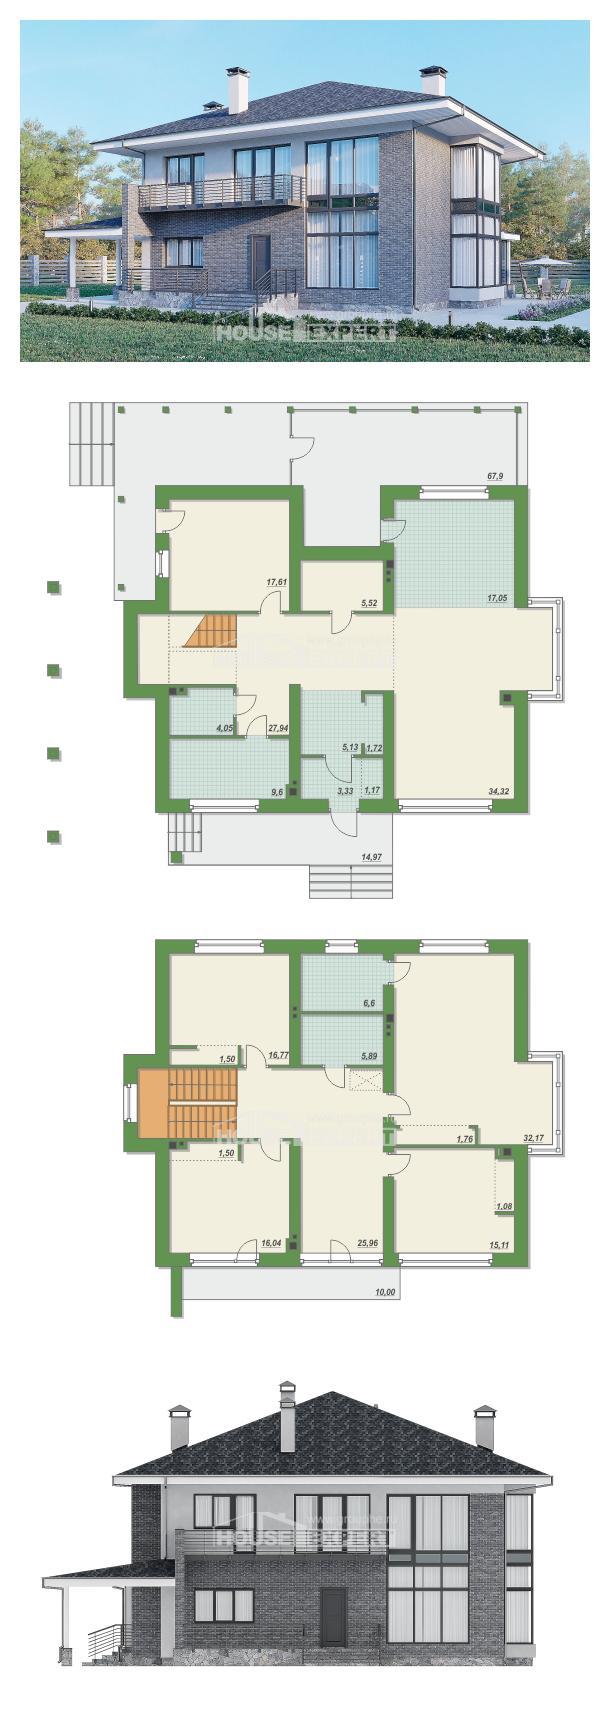 Plan 250-004-L   House Expert